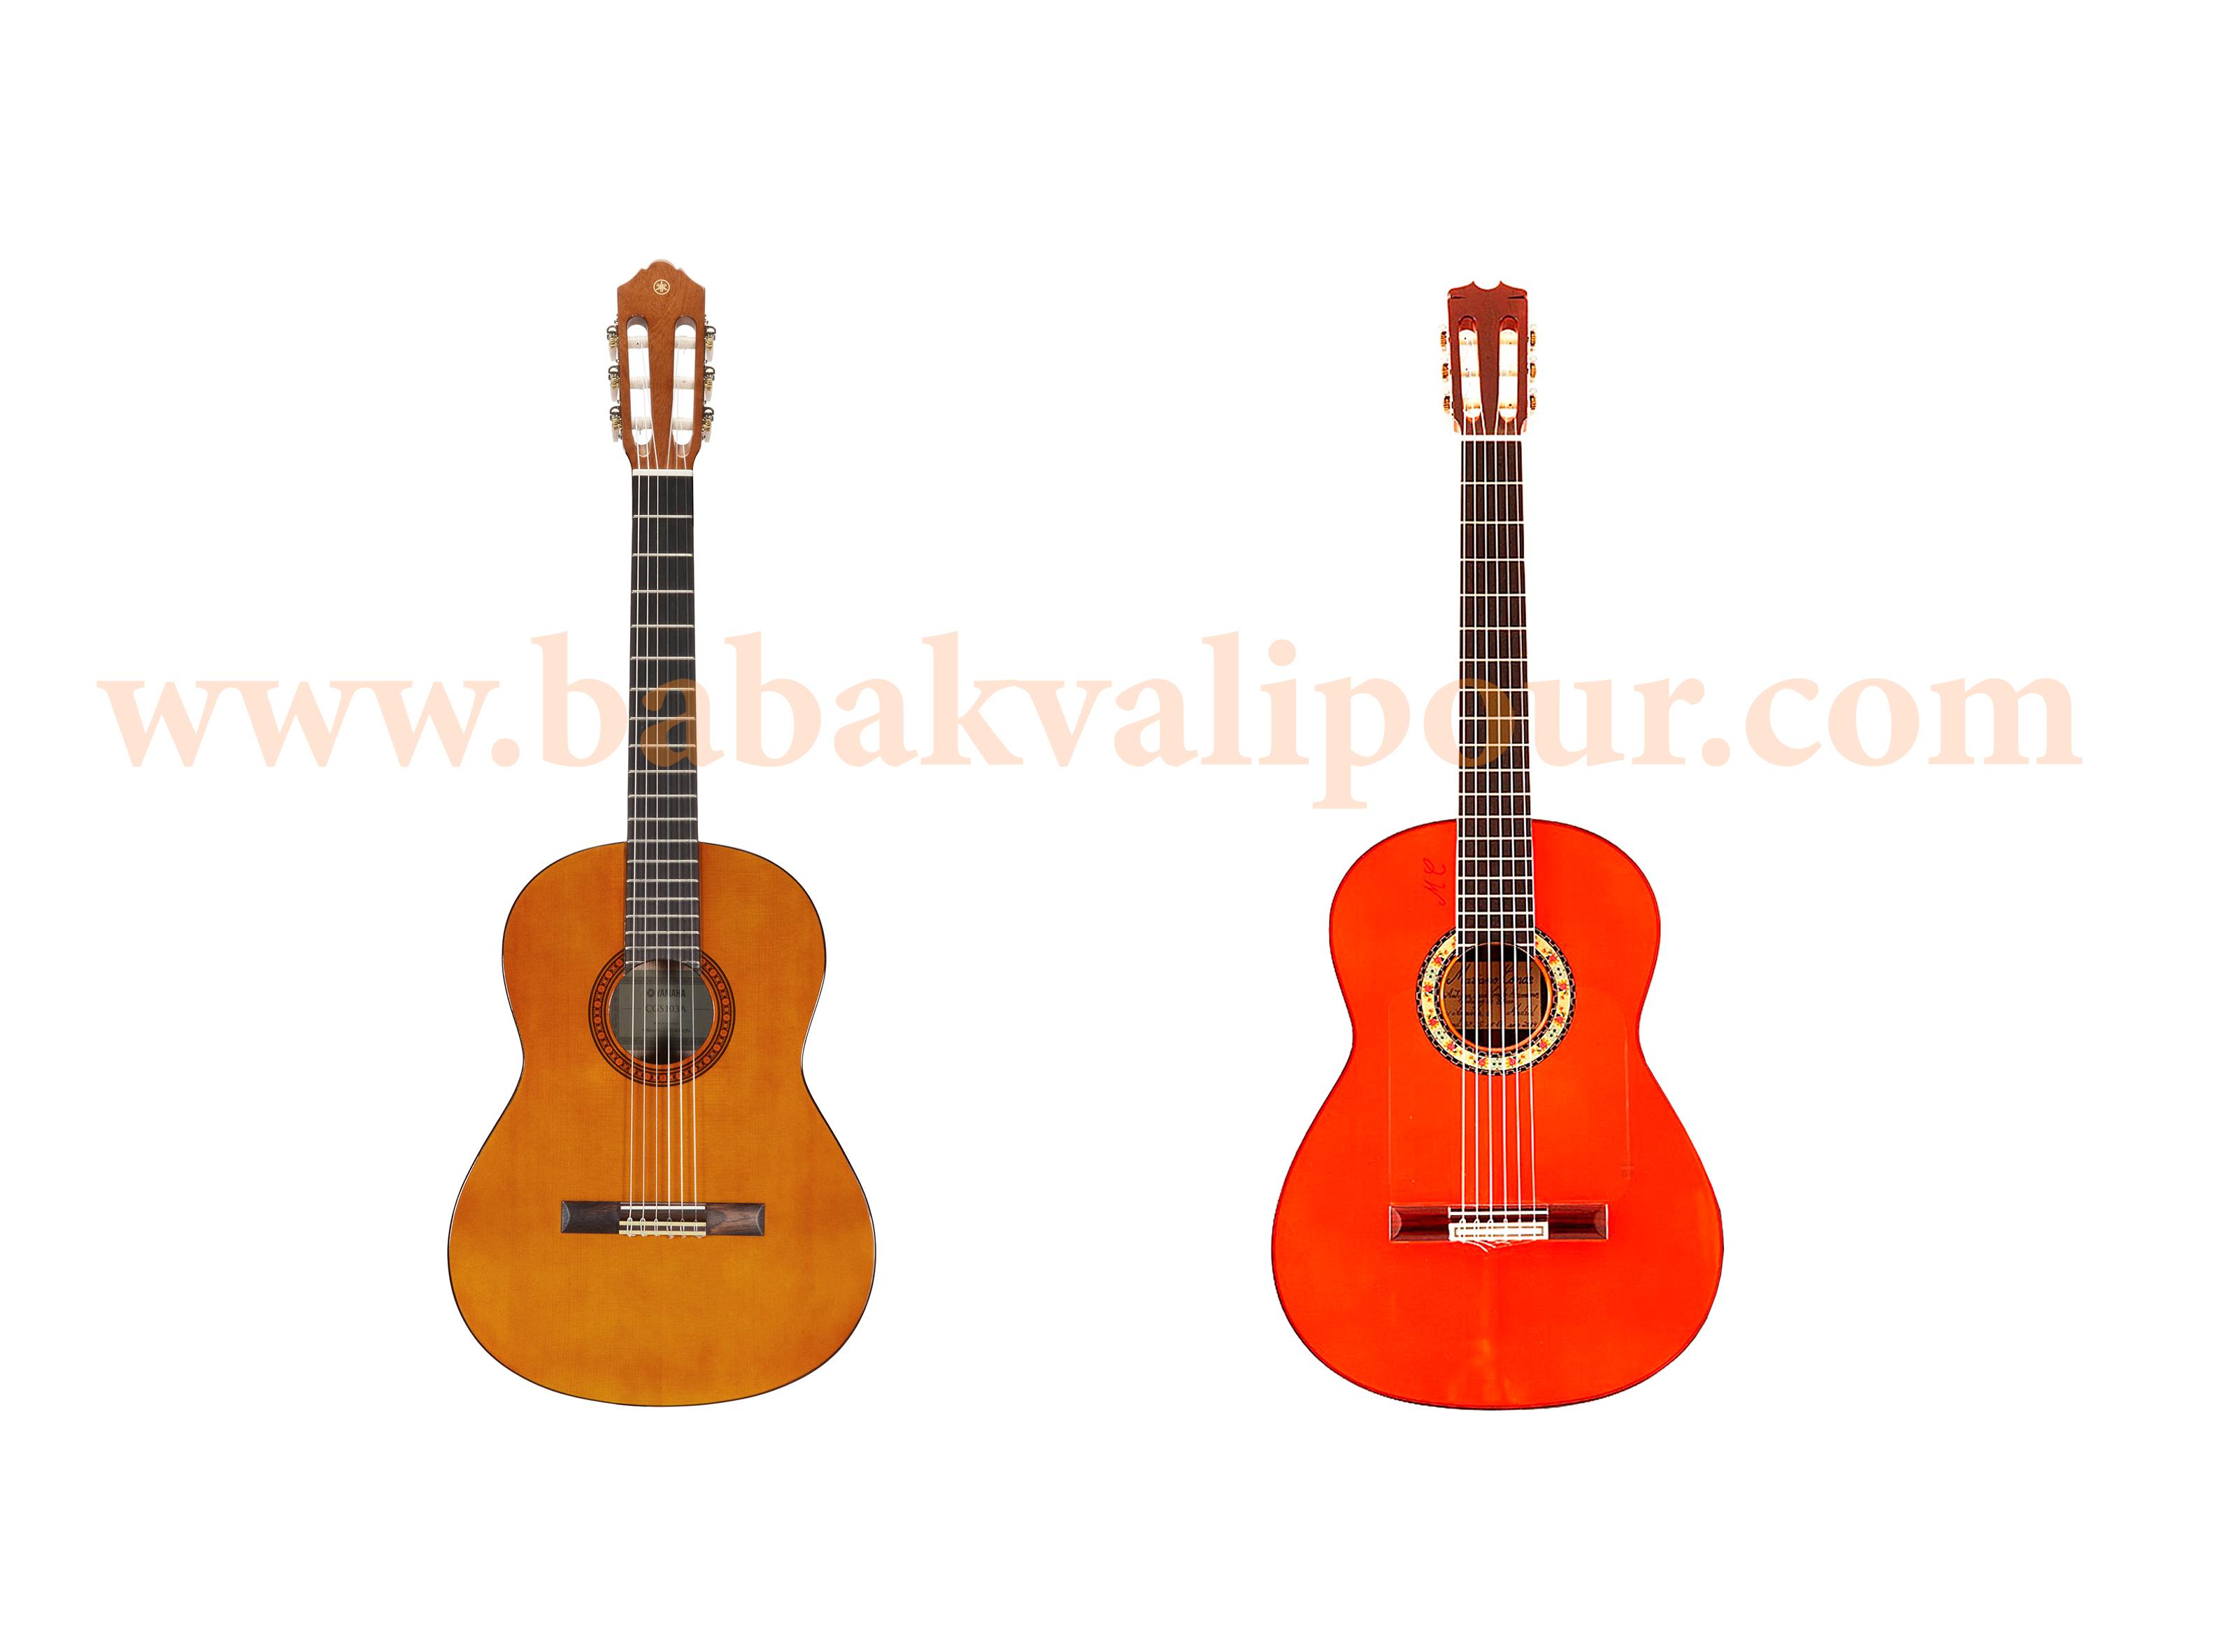 گیتار کلاسیک چه تفاوتی با گیتار فلامنکو دارد؟ 1